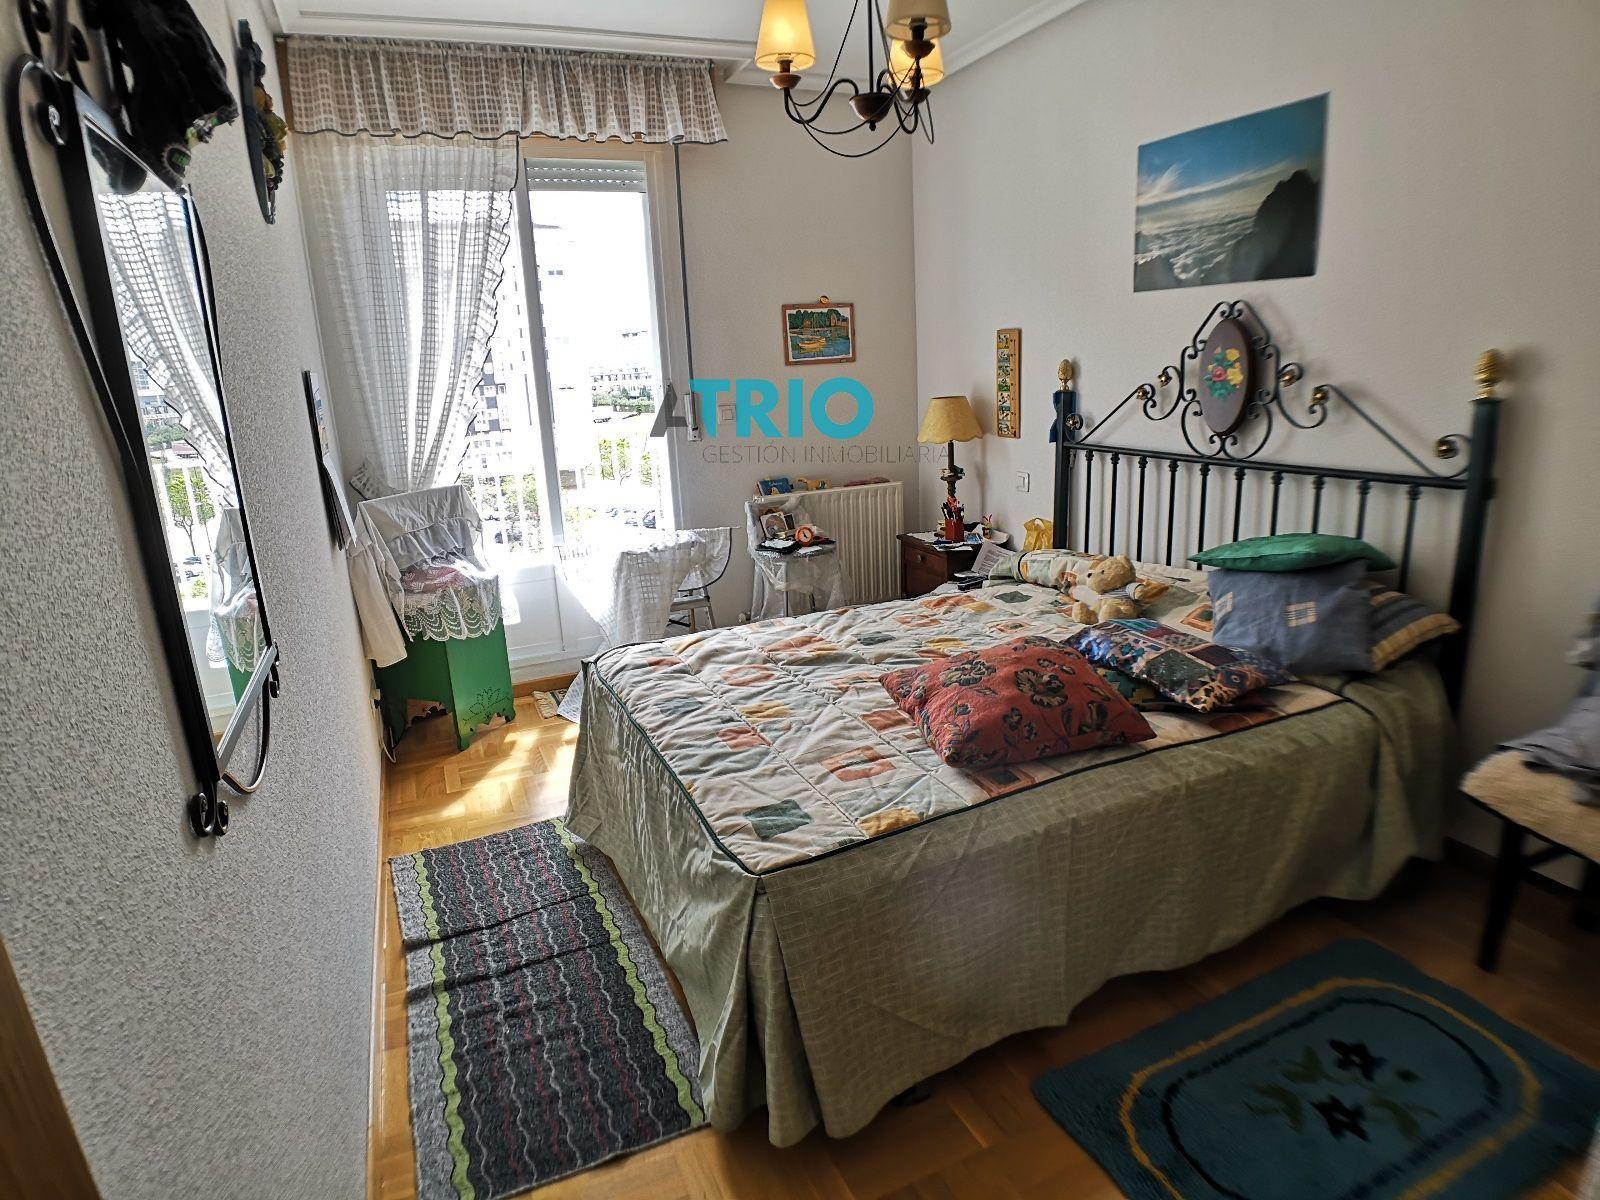 dia.mobiliagestion.es/Portals/inmoatrio/Images/6208/4679412